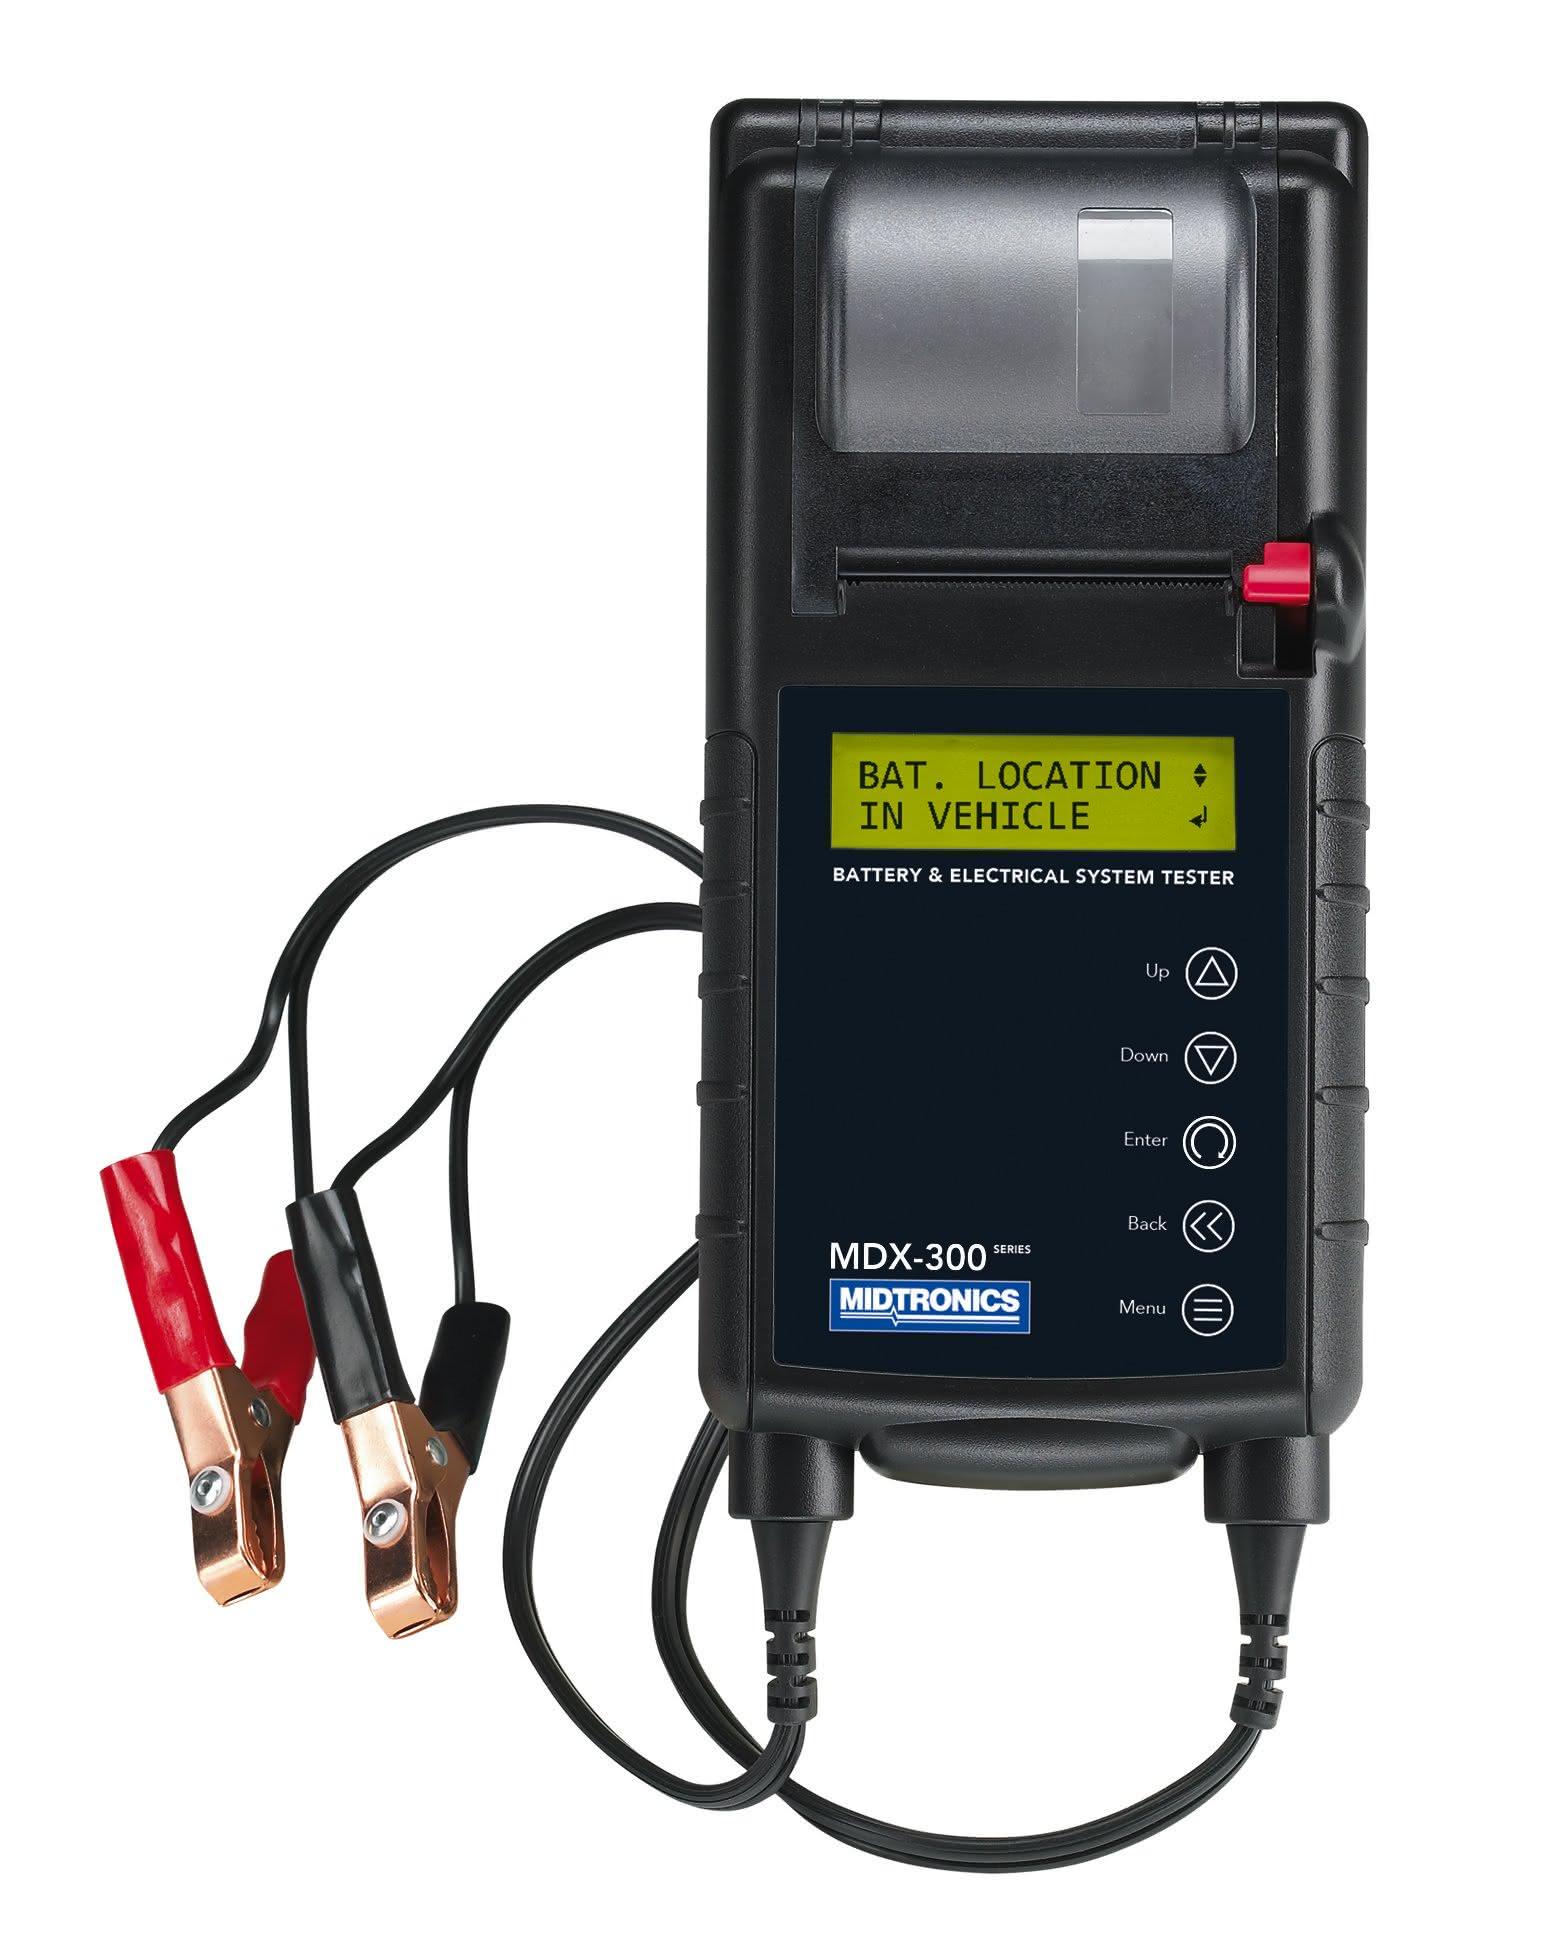 mdx300